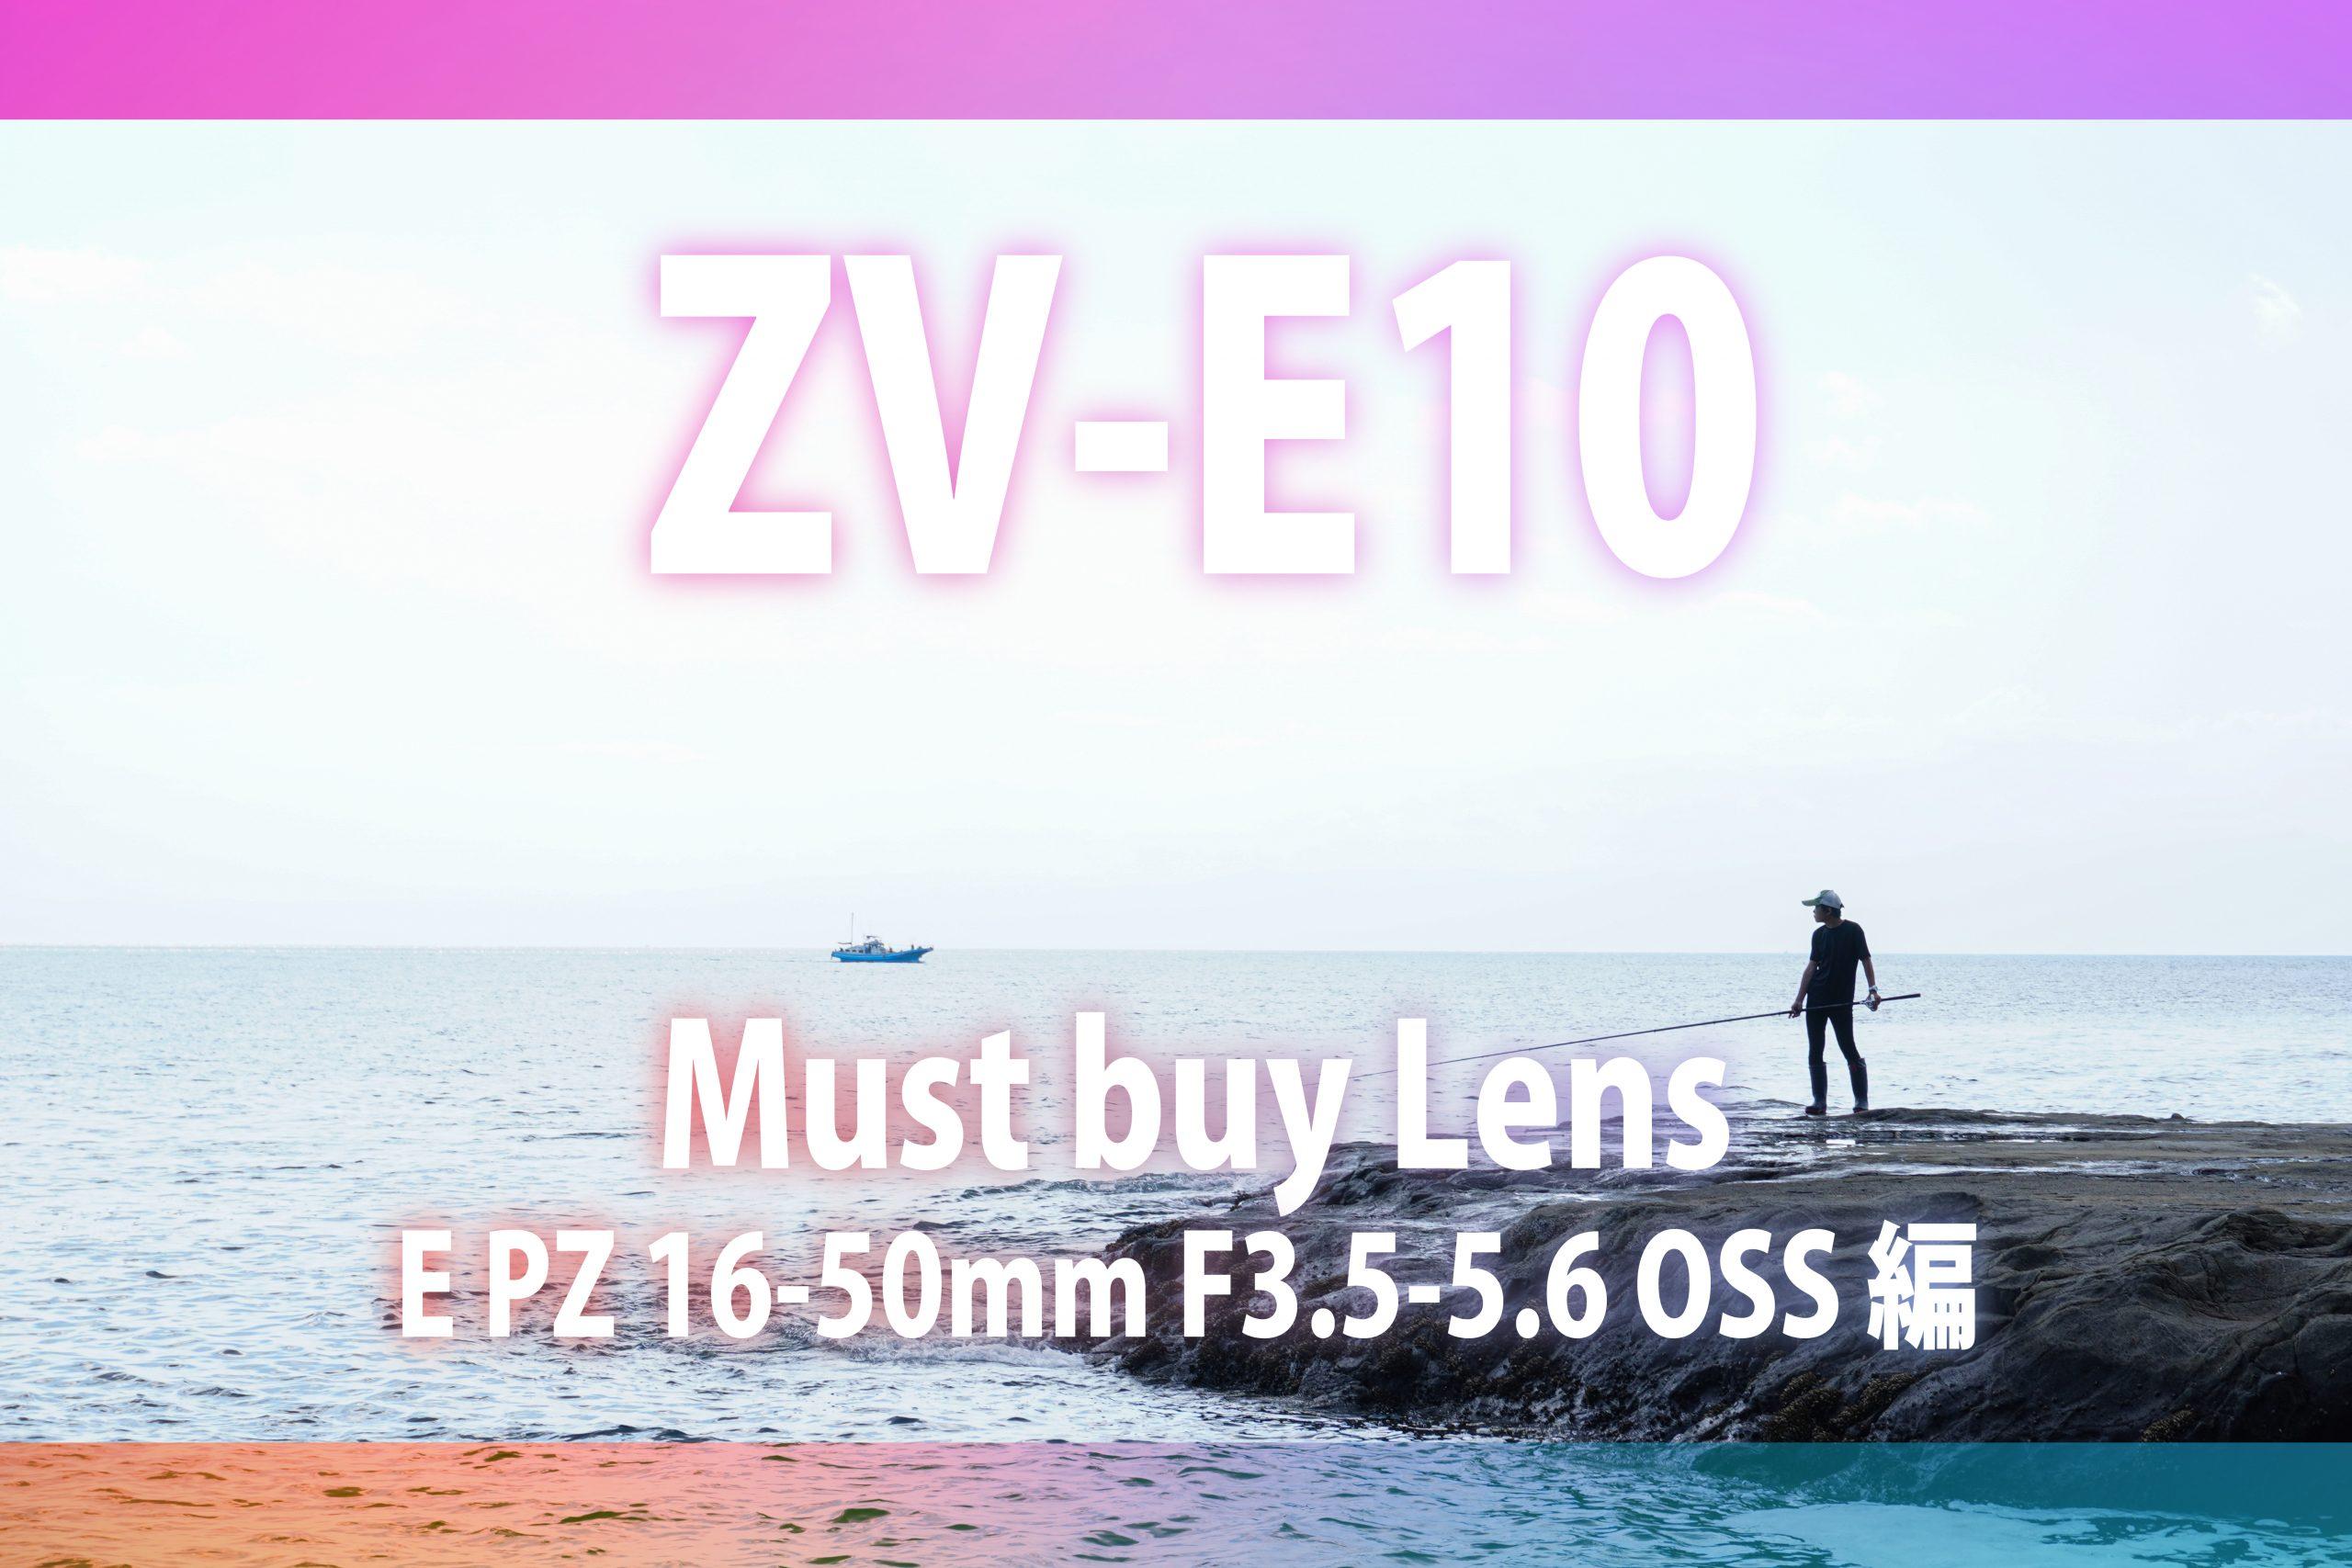 【ZV-E10発売記念】マスト・バイ・レンズ ~E PZ 16-50mm F3.5-5.6 OSS 編~